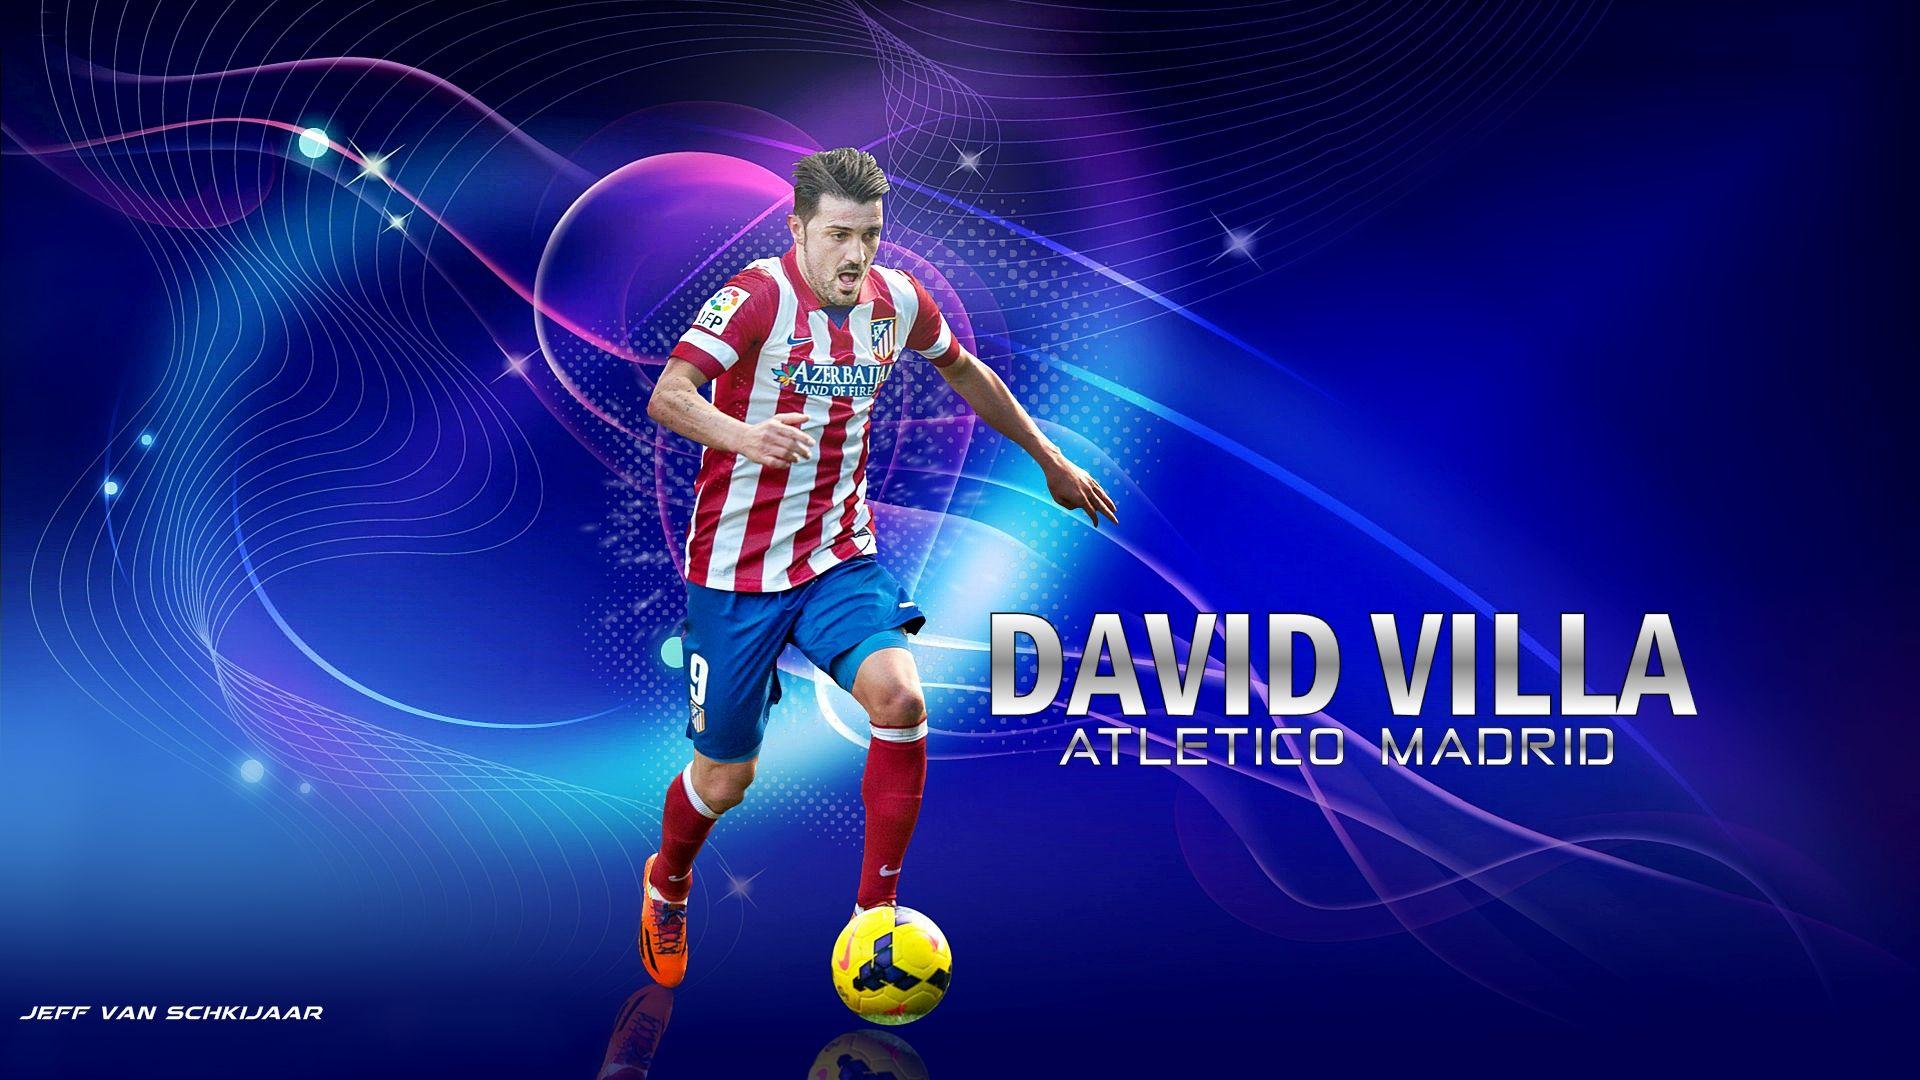 David villa atletico madrid wallpaper football pinterest madrid david villa atletico madrid wallpaper voltagebd Gallery